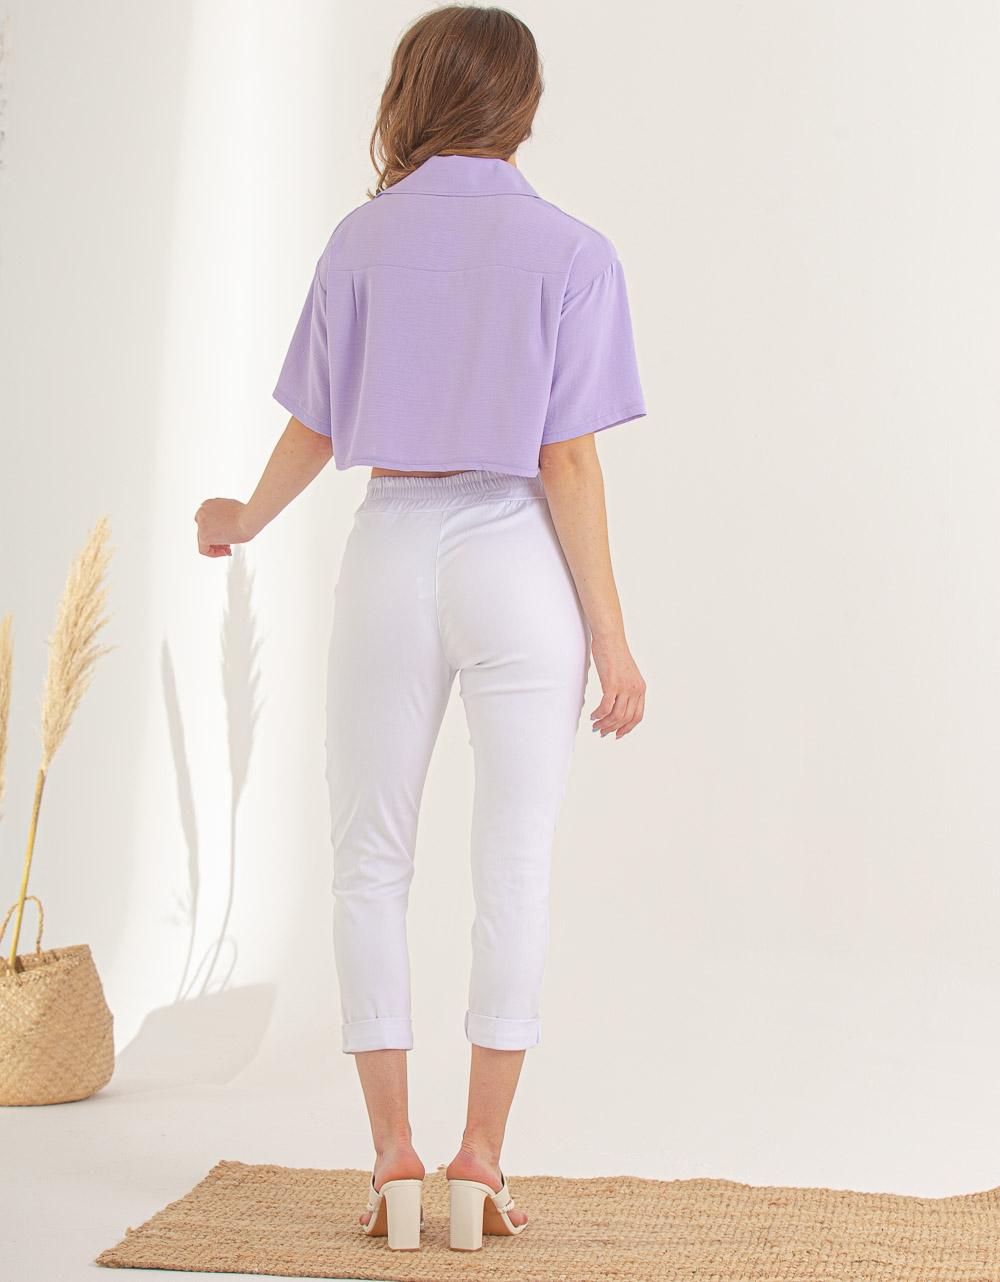 Εικόνα από Γυναικείο παντελόνι σε ίσια γραμμή με αλυσίδα Λευκό